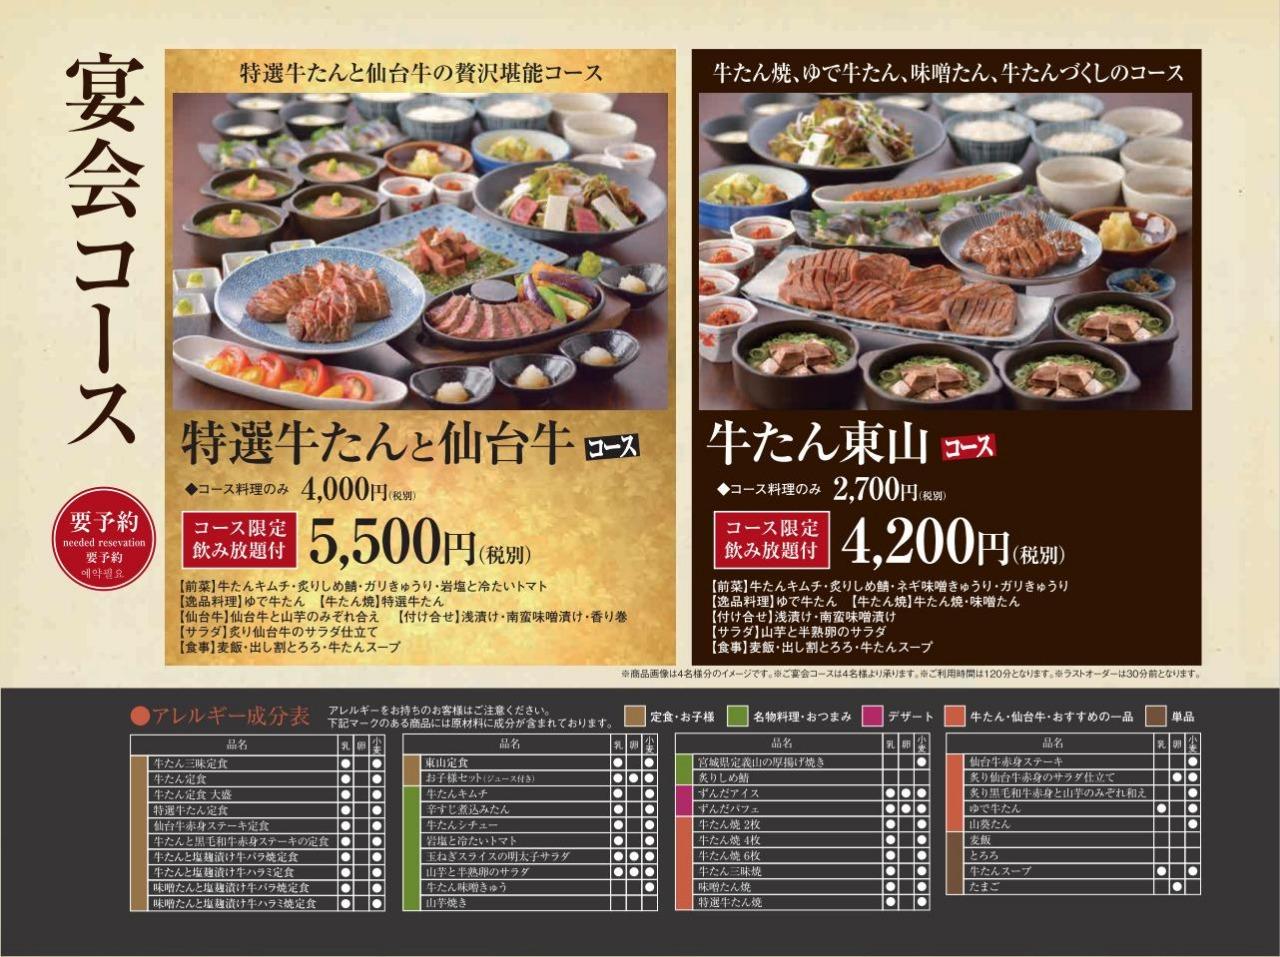 店舗メニュー 炭焼牛たん東山 福岡天神店